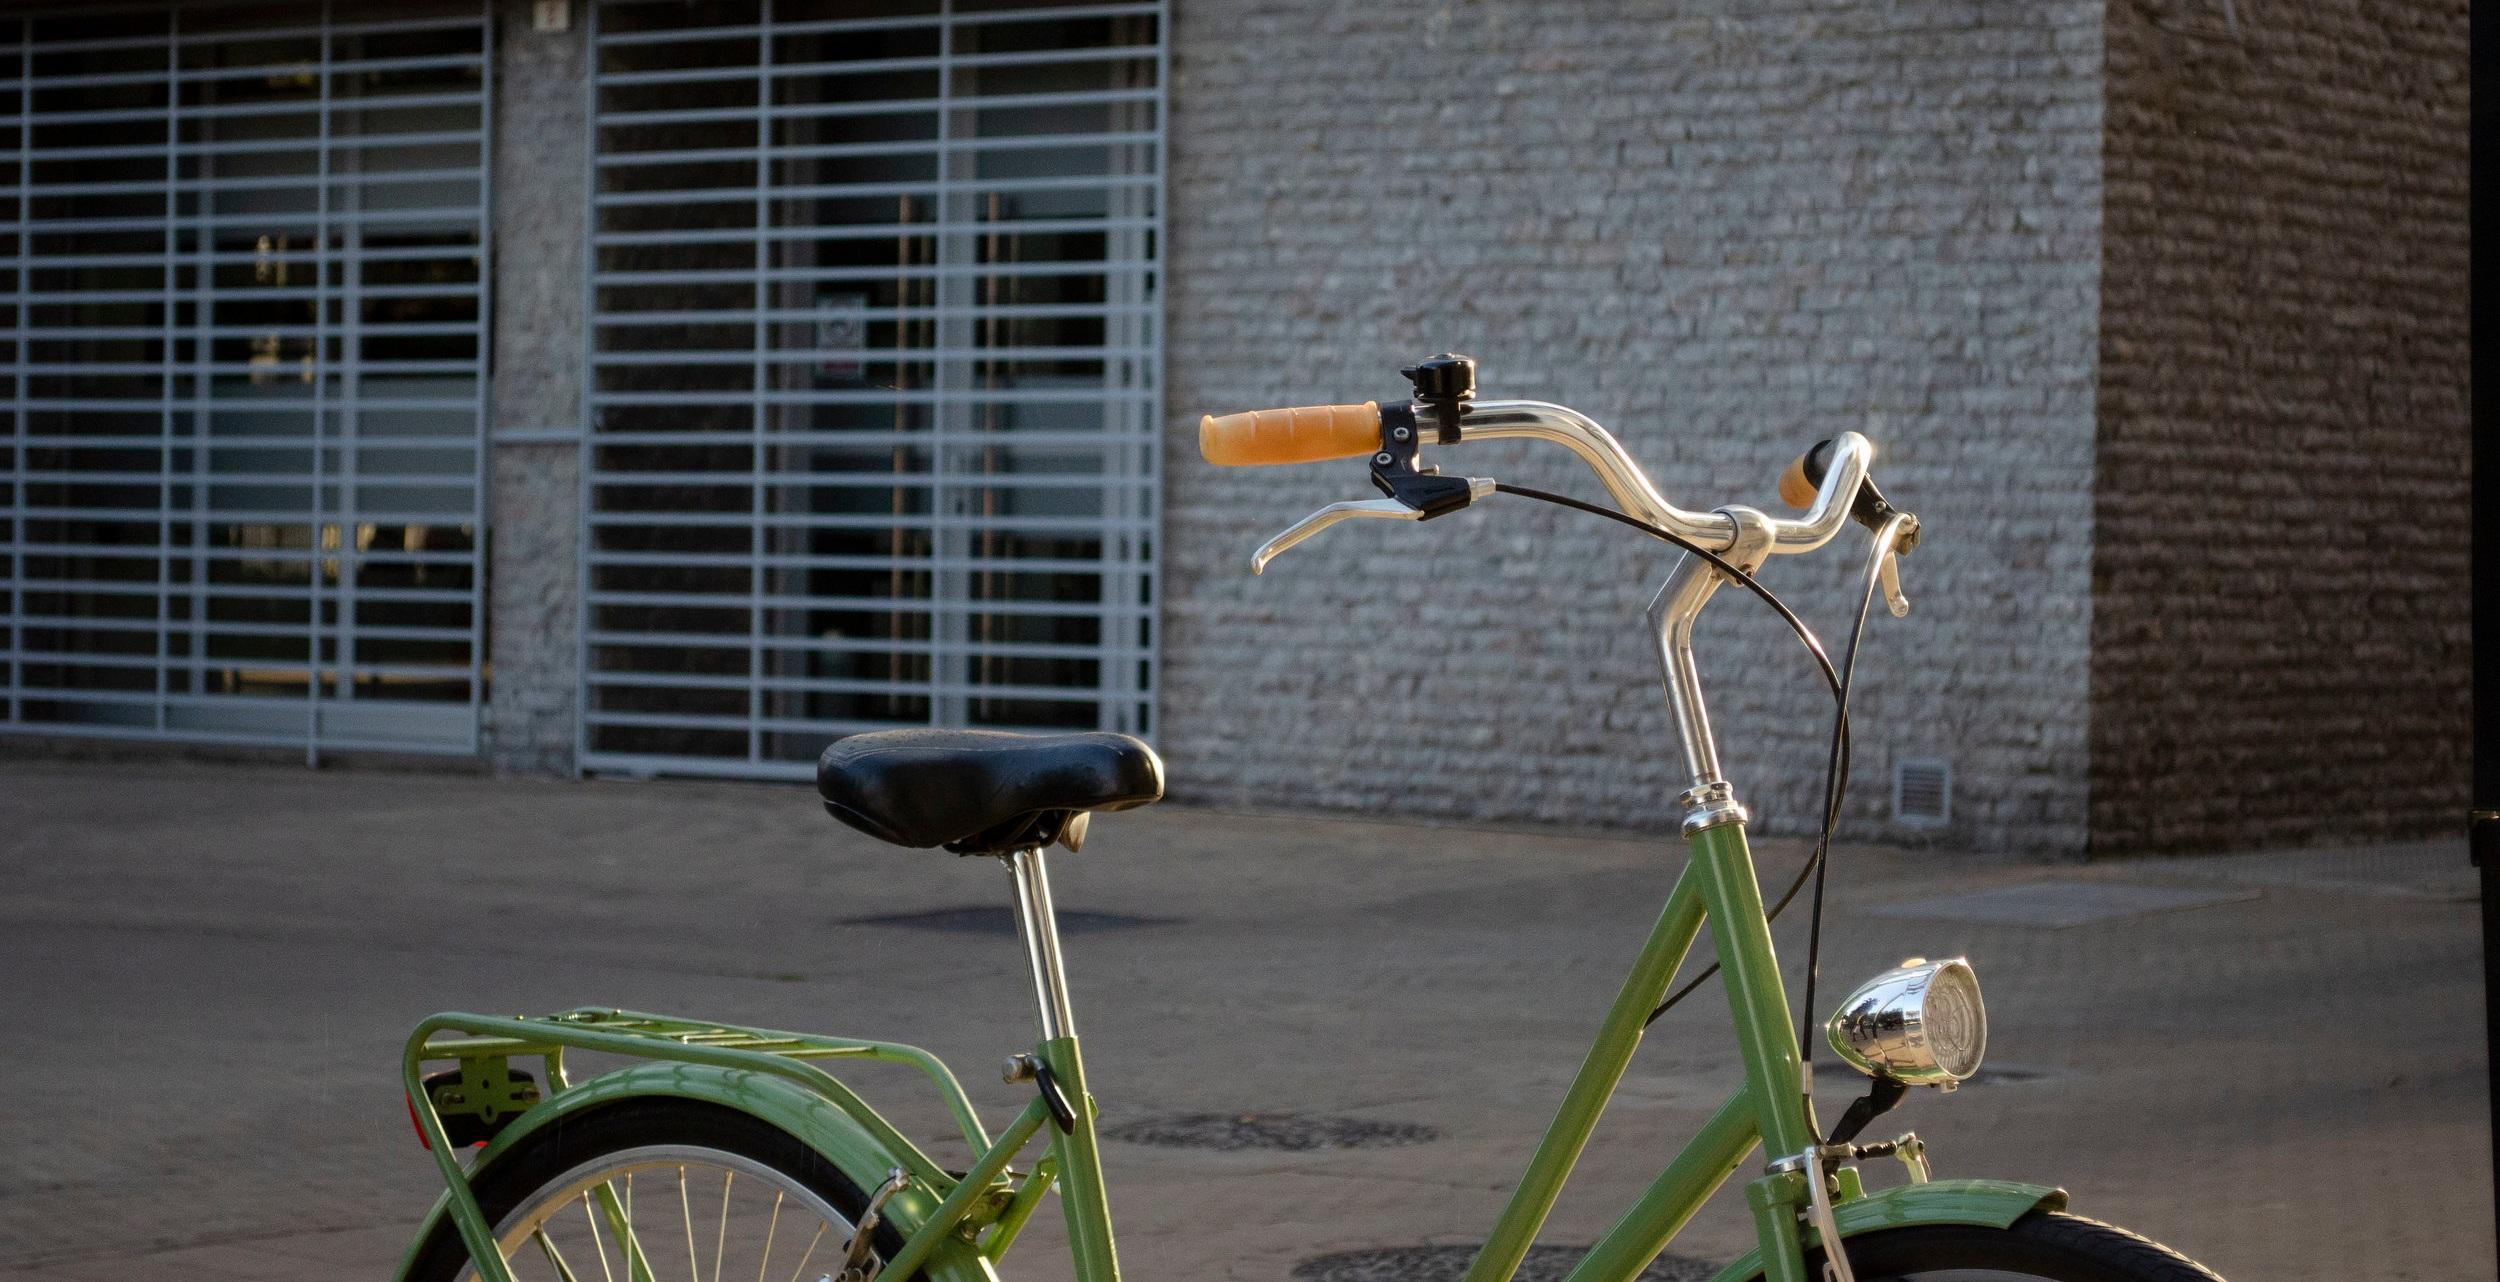 Alquilar+bicicleta+malaga